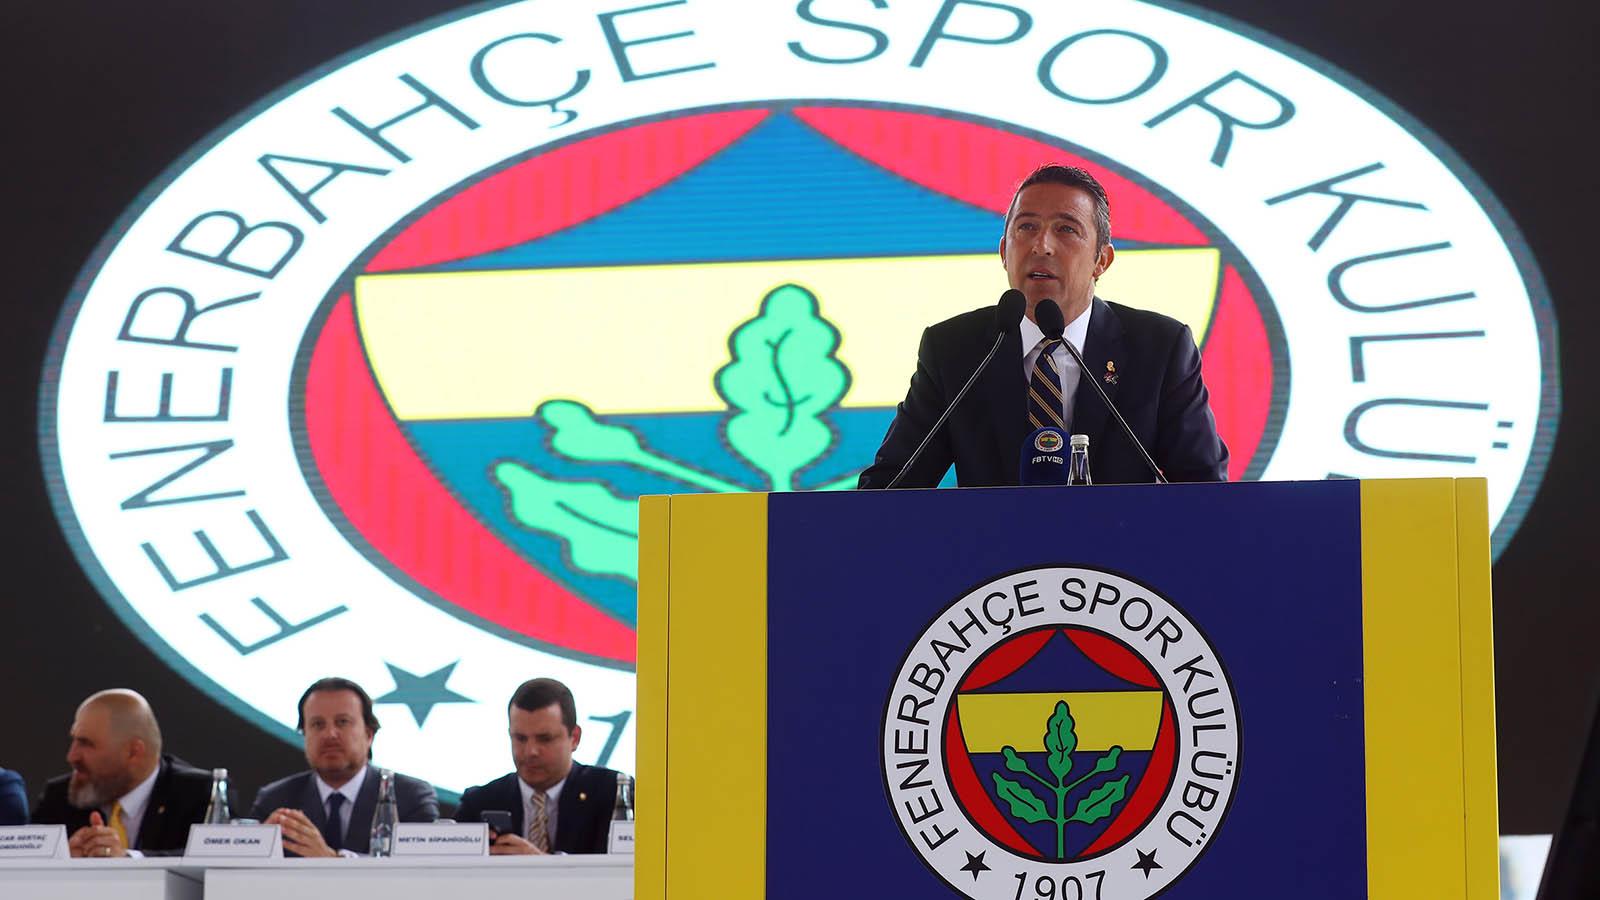 Başkanımız Ali Koç: Gidişatı veya çalışmalarımızı engelleyecek bir durum değil